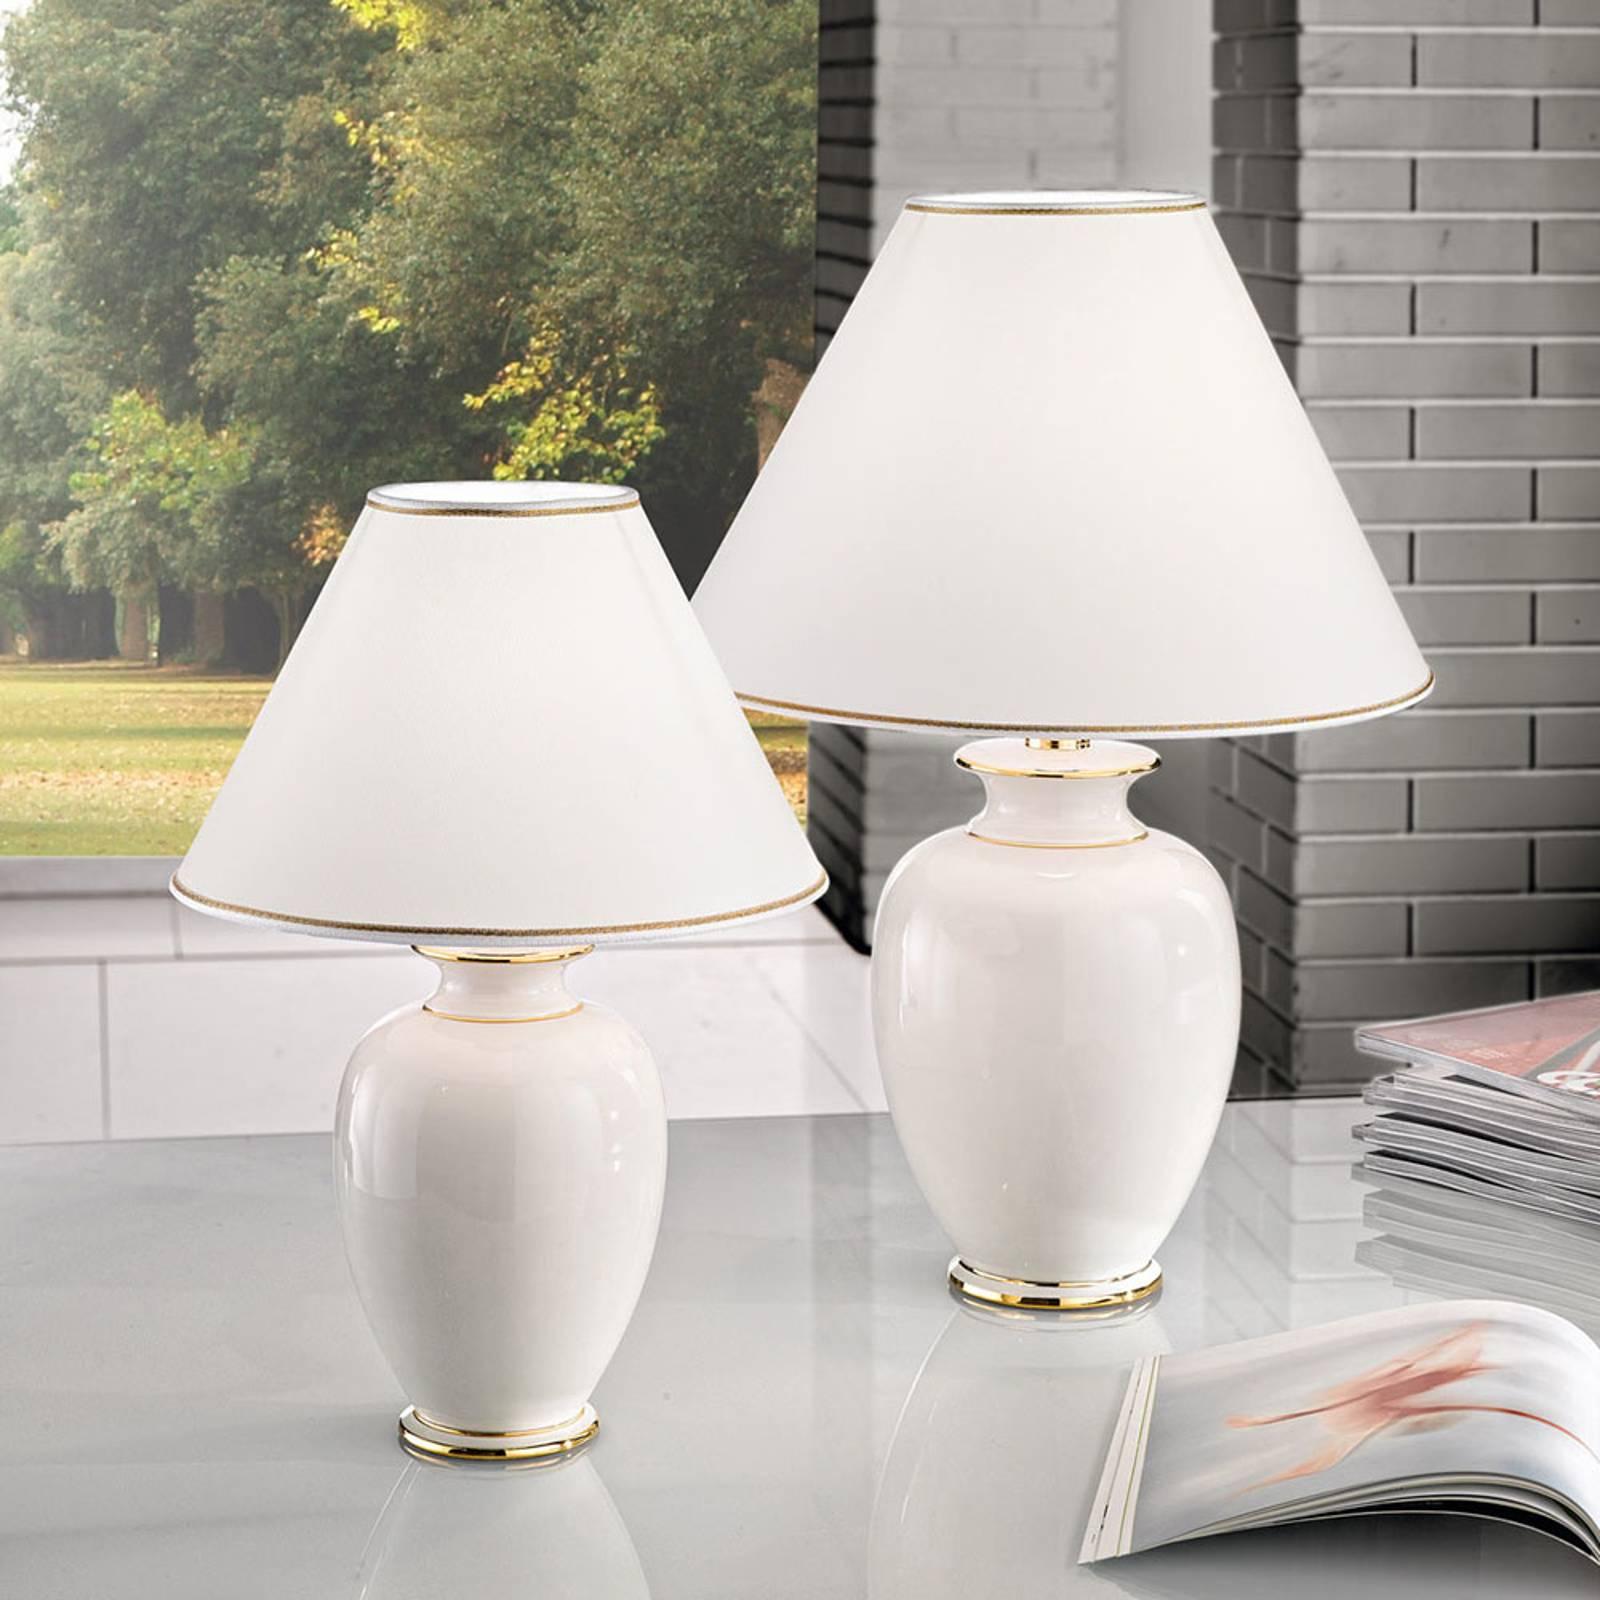 Pöytälamppu Giardino Avorio valkoinen-kulta Ø40 cm